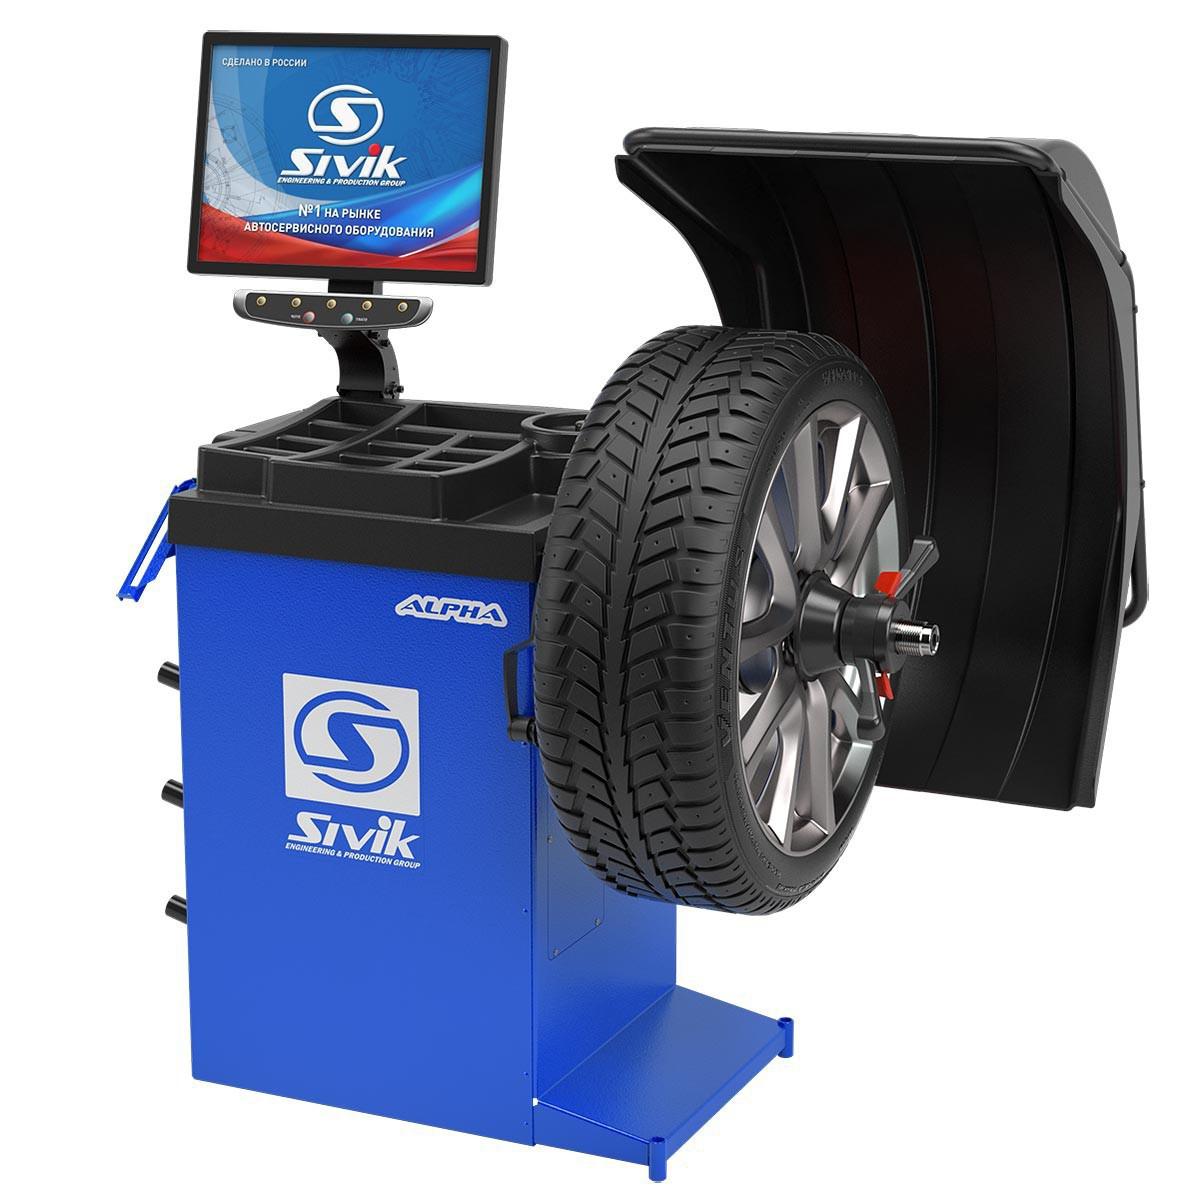 Станок для балансировки колес автомототранспортных средств СБМП-40 Л (РФ, синий, новый дизайн)